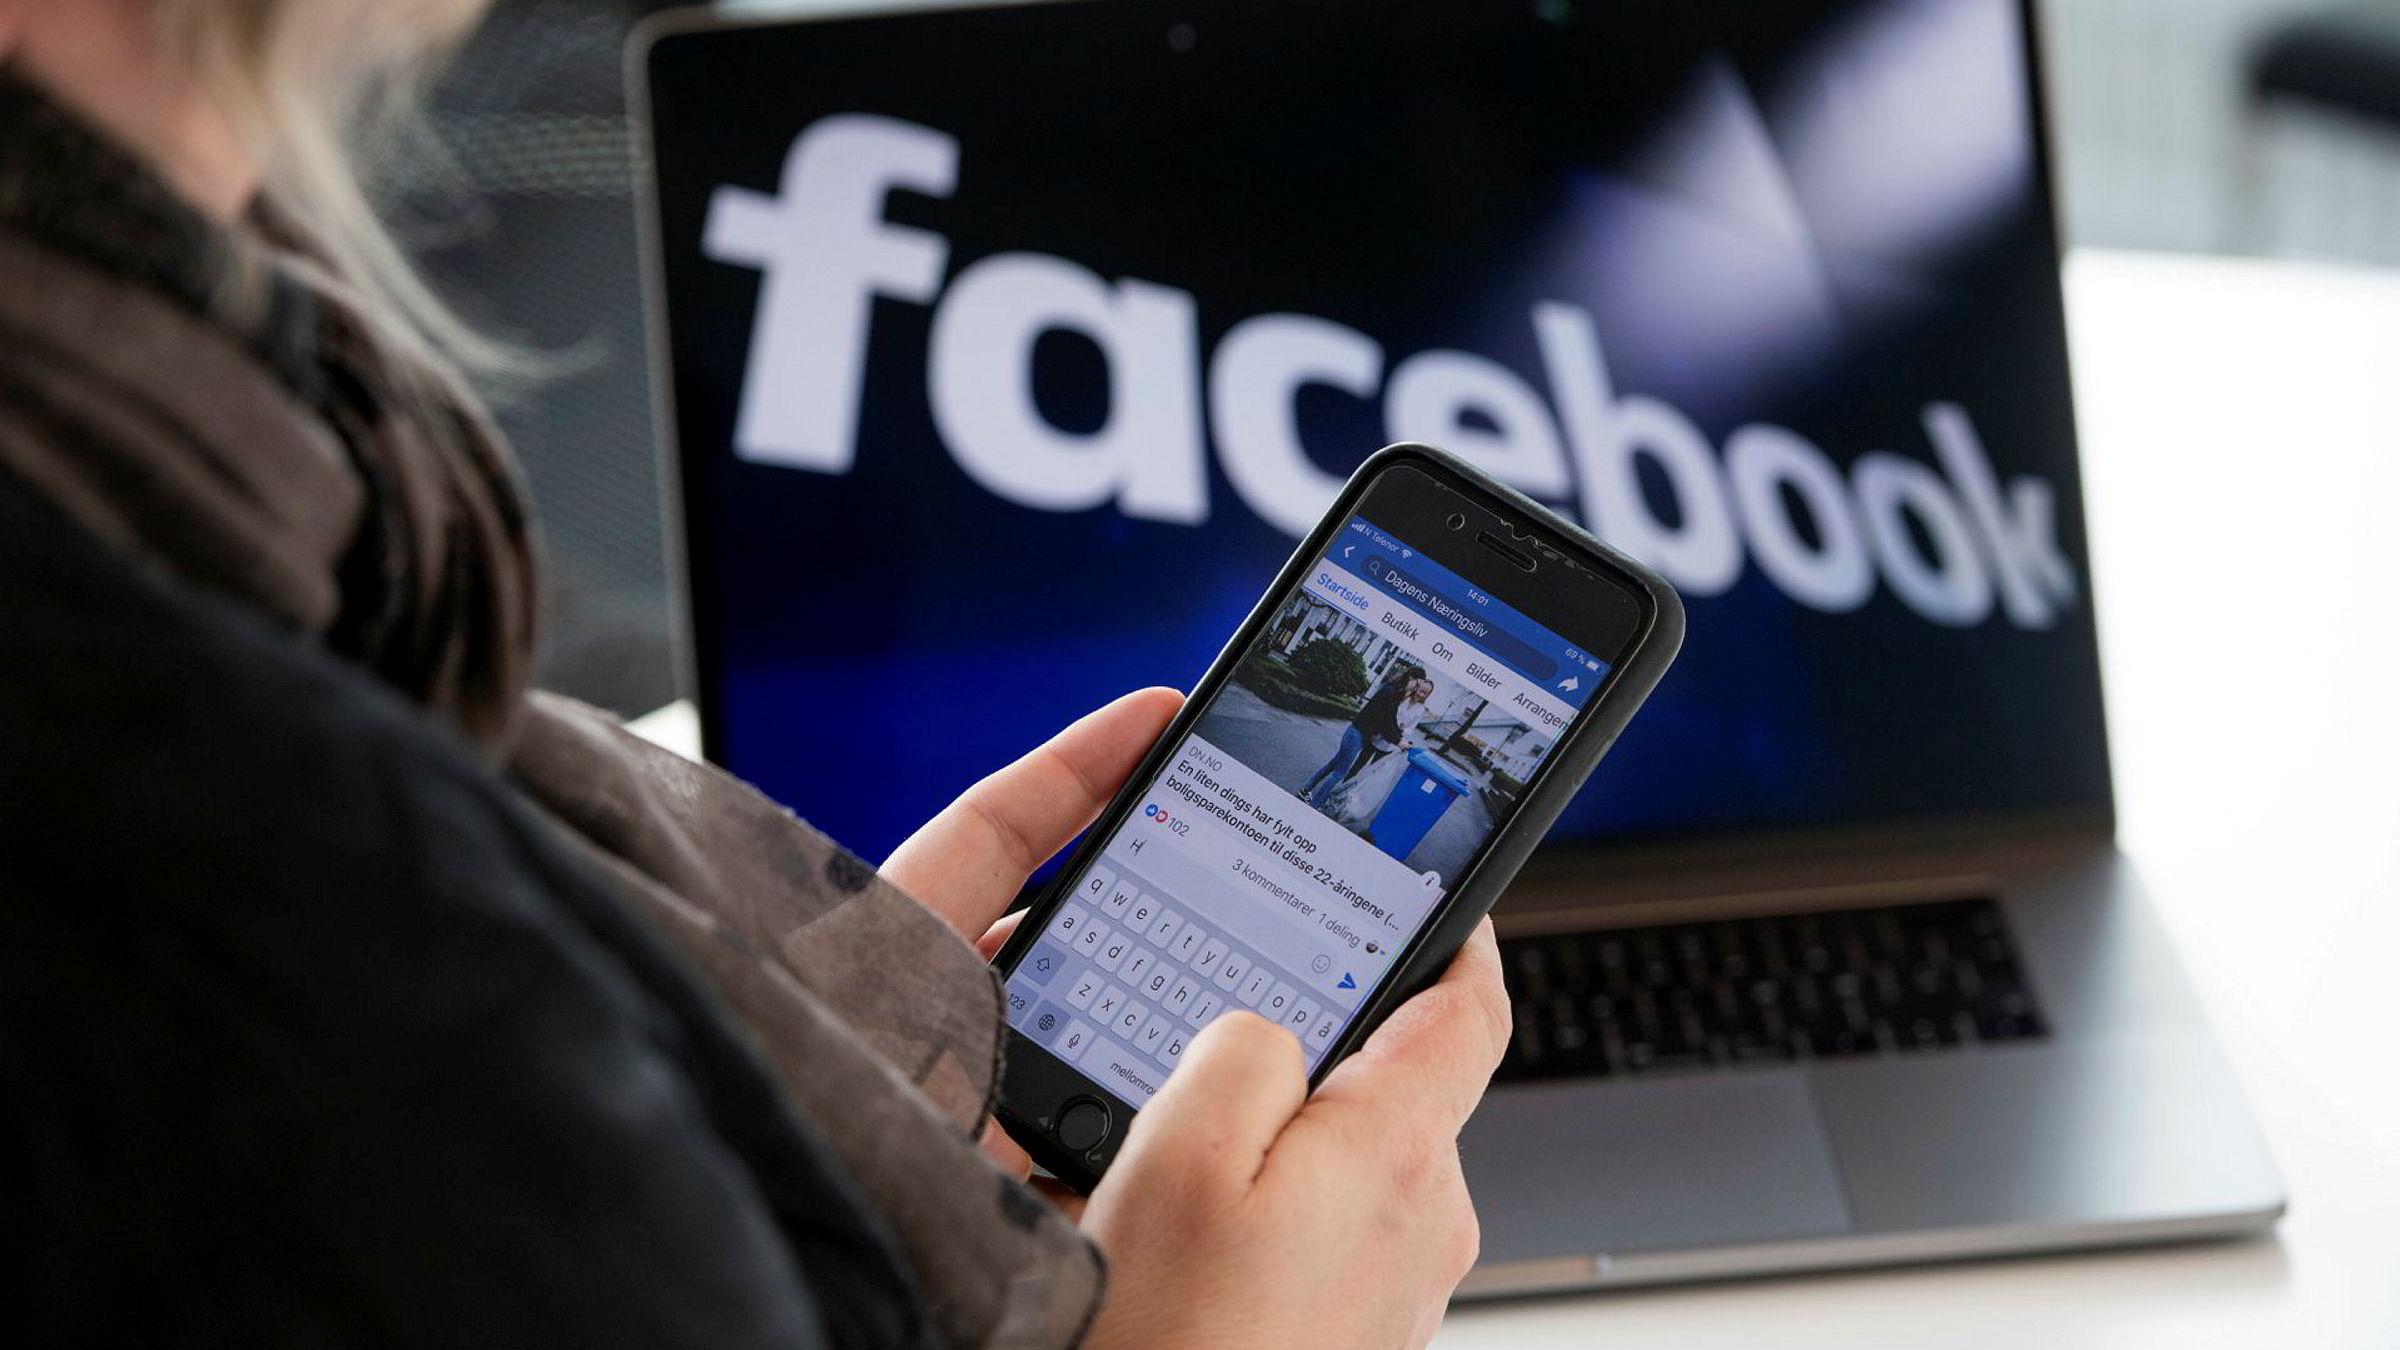 Facebook meldte seg helt uoppfordret til tjeneste da selskapet fikk nyss i at myndighetene ville spore nordmenns bevegelser og kontakter.